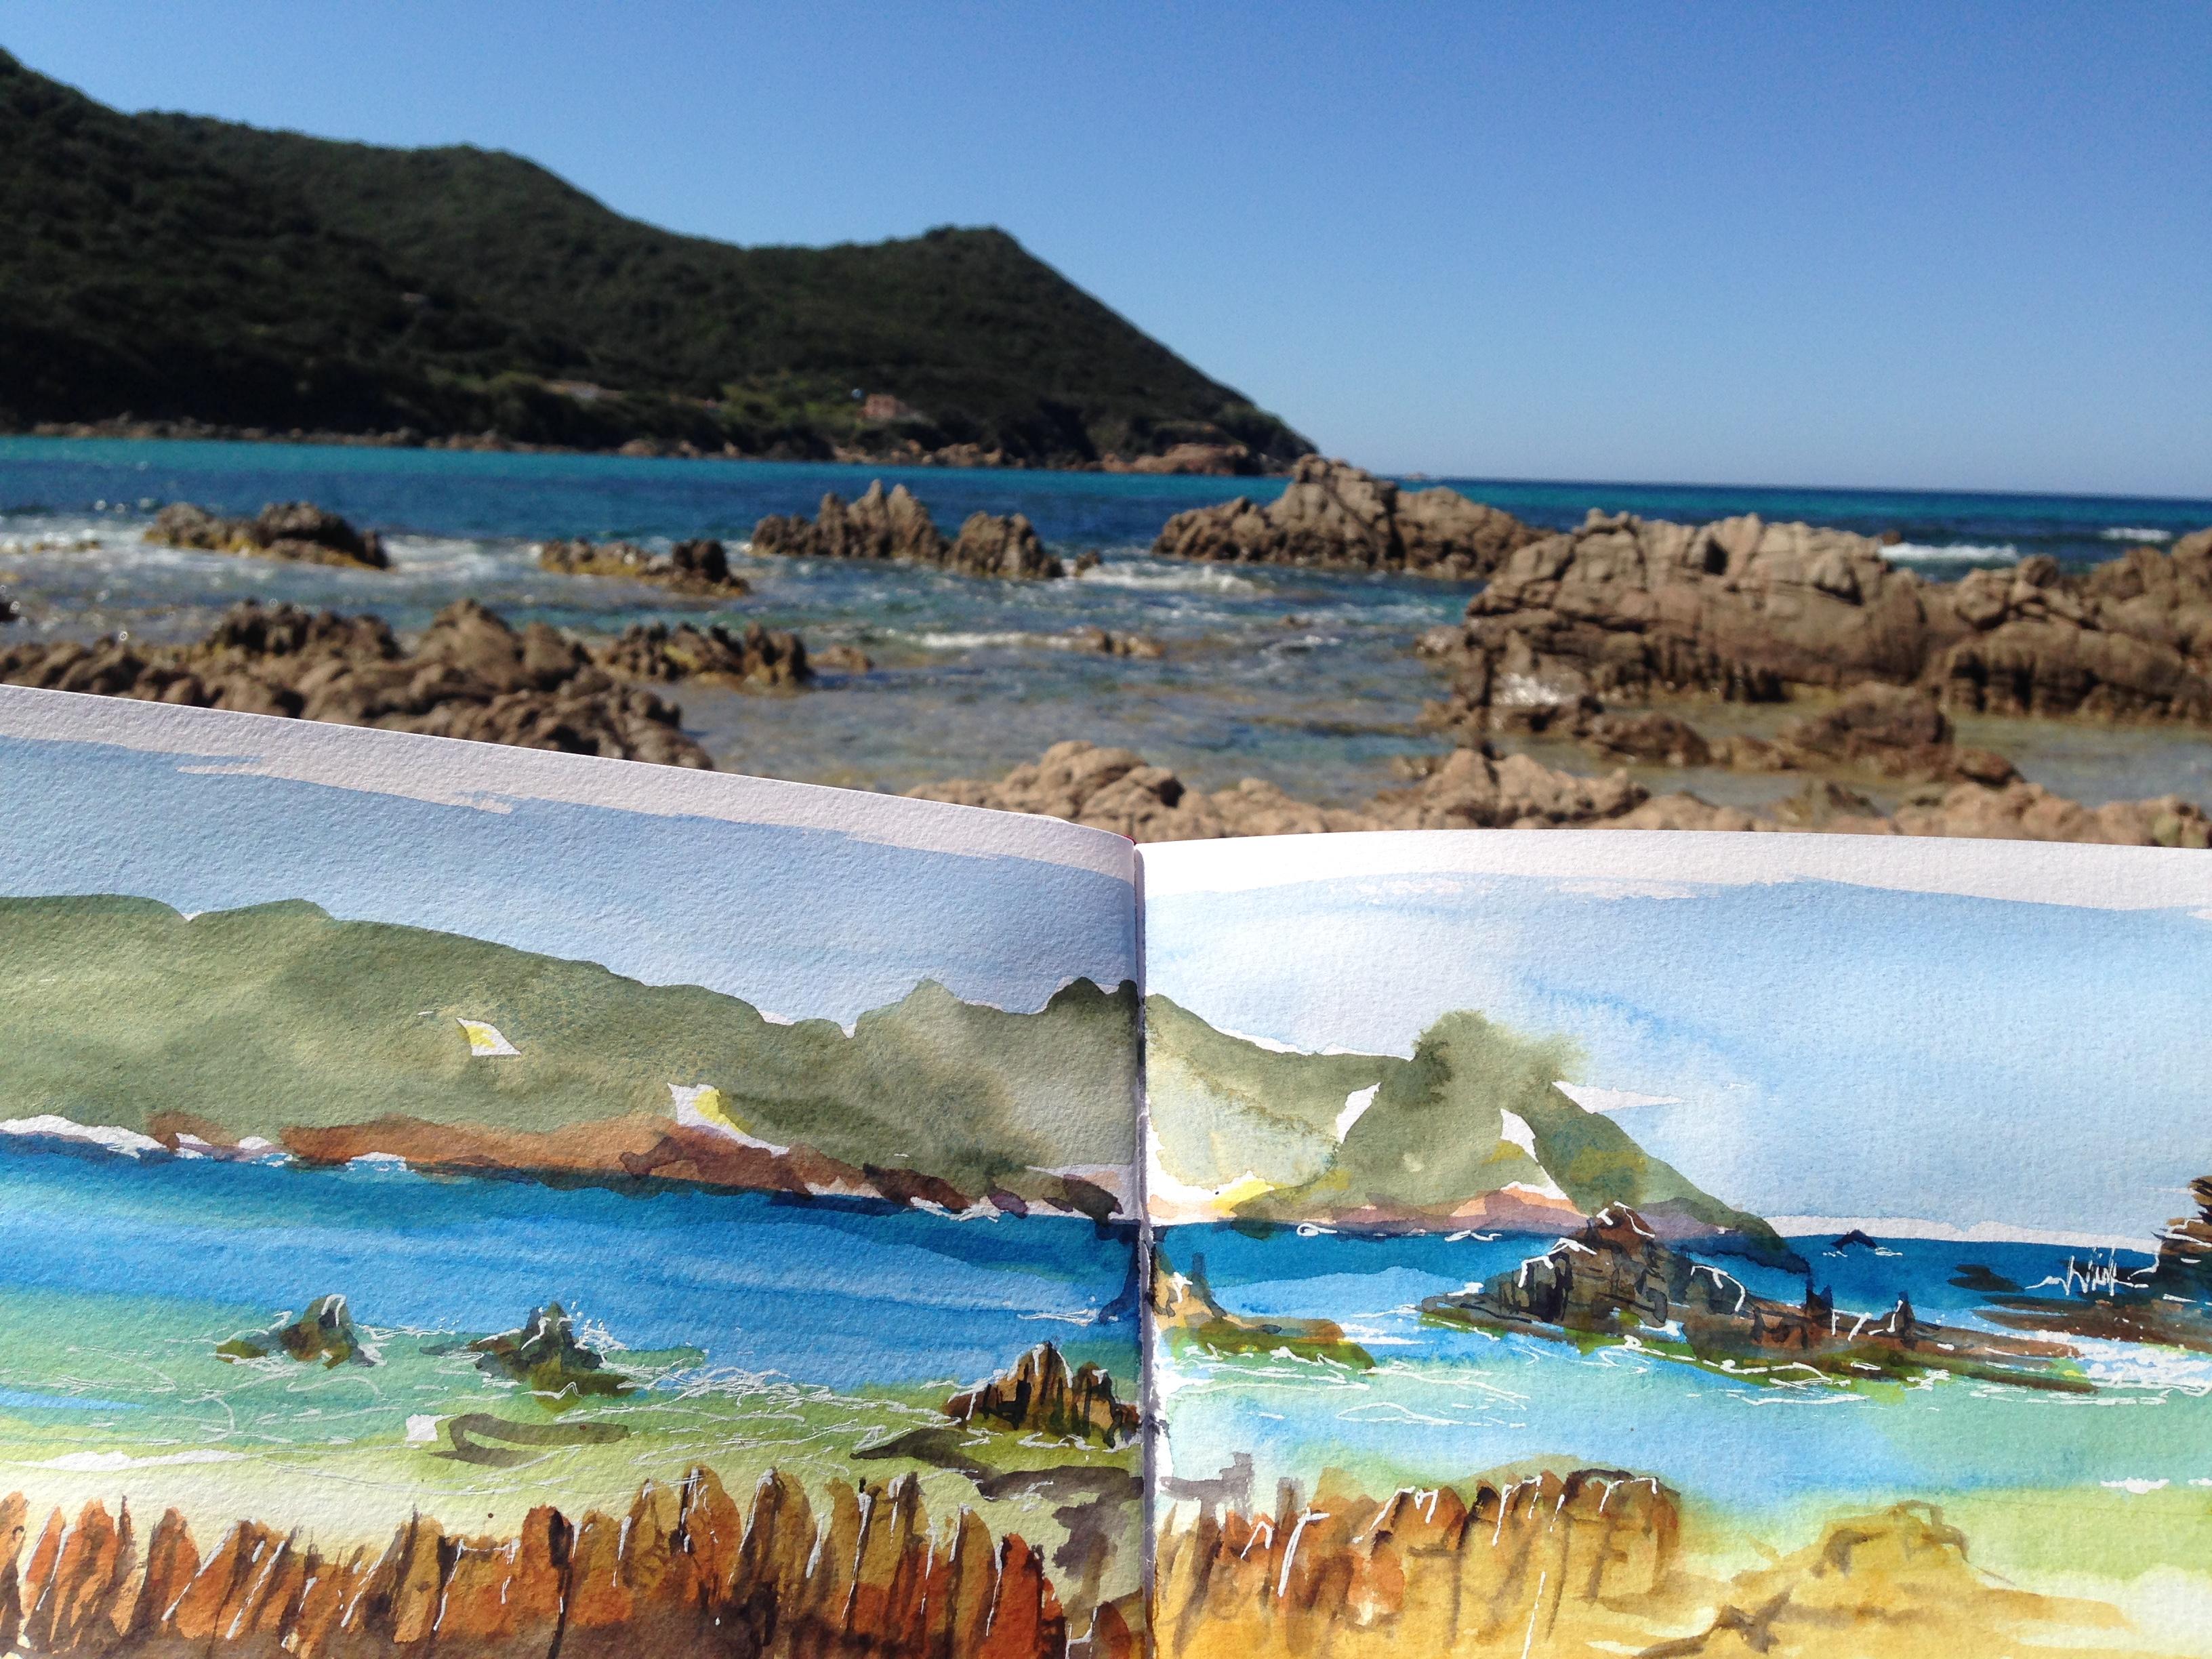 Colorful Corsica beach